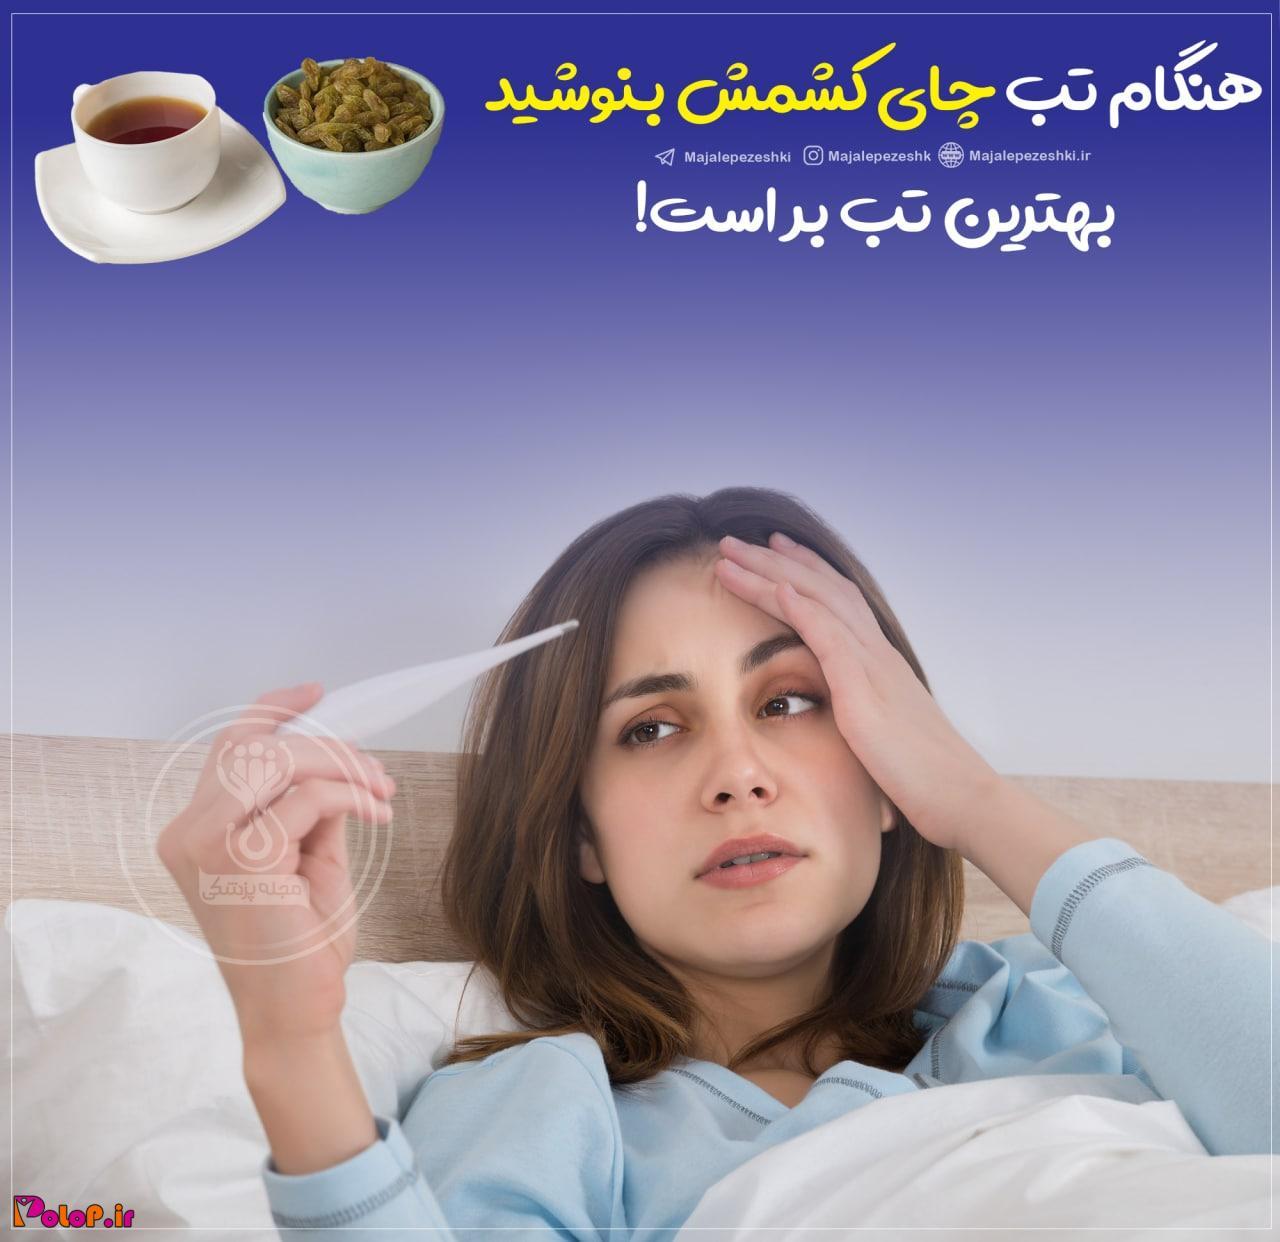 هنگام تب چای کشمش بنوشید، بهترین تببر است !👌🏻